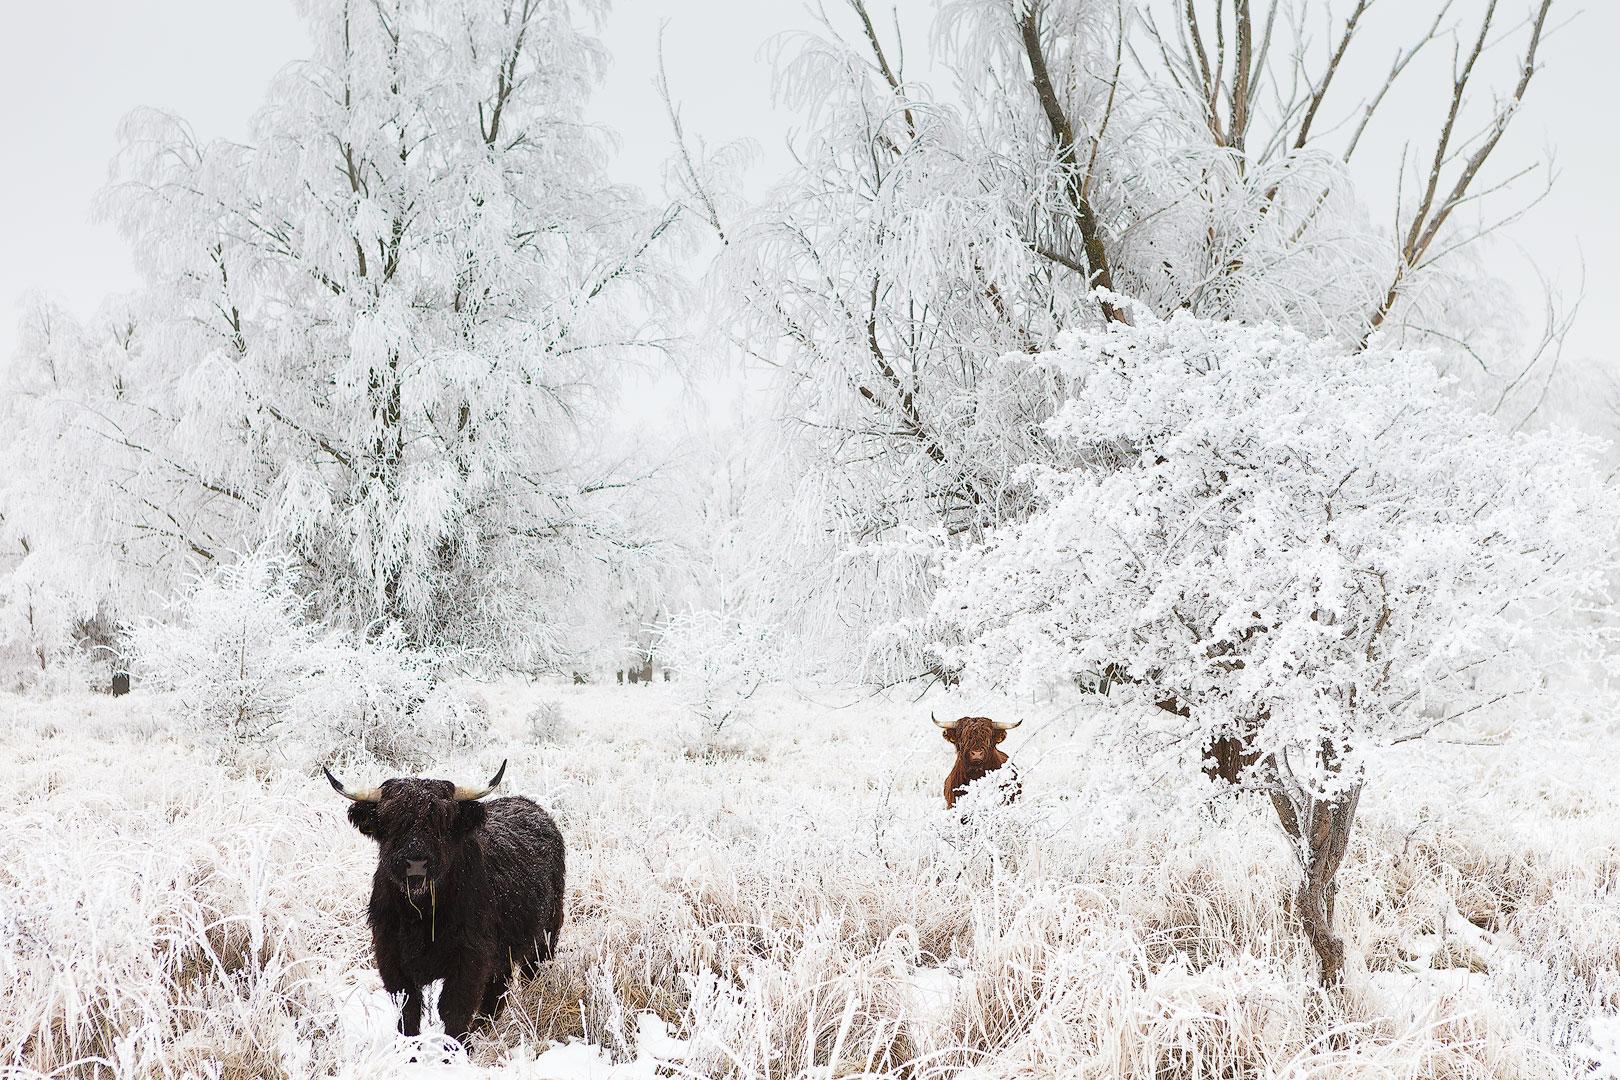 Foto apparatuur - Schotse hooglanders in een met sneeuw bedenkt landschap in het Nationaal Park Lauwersmeer